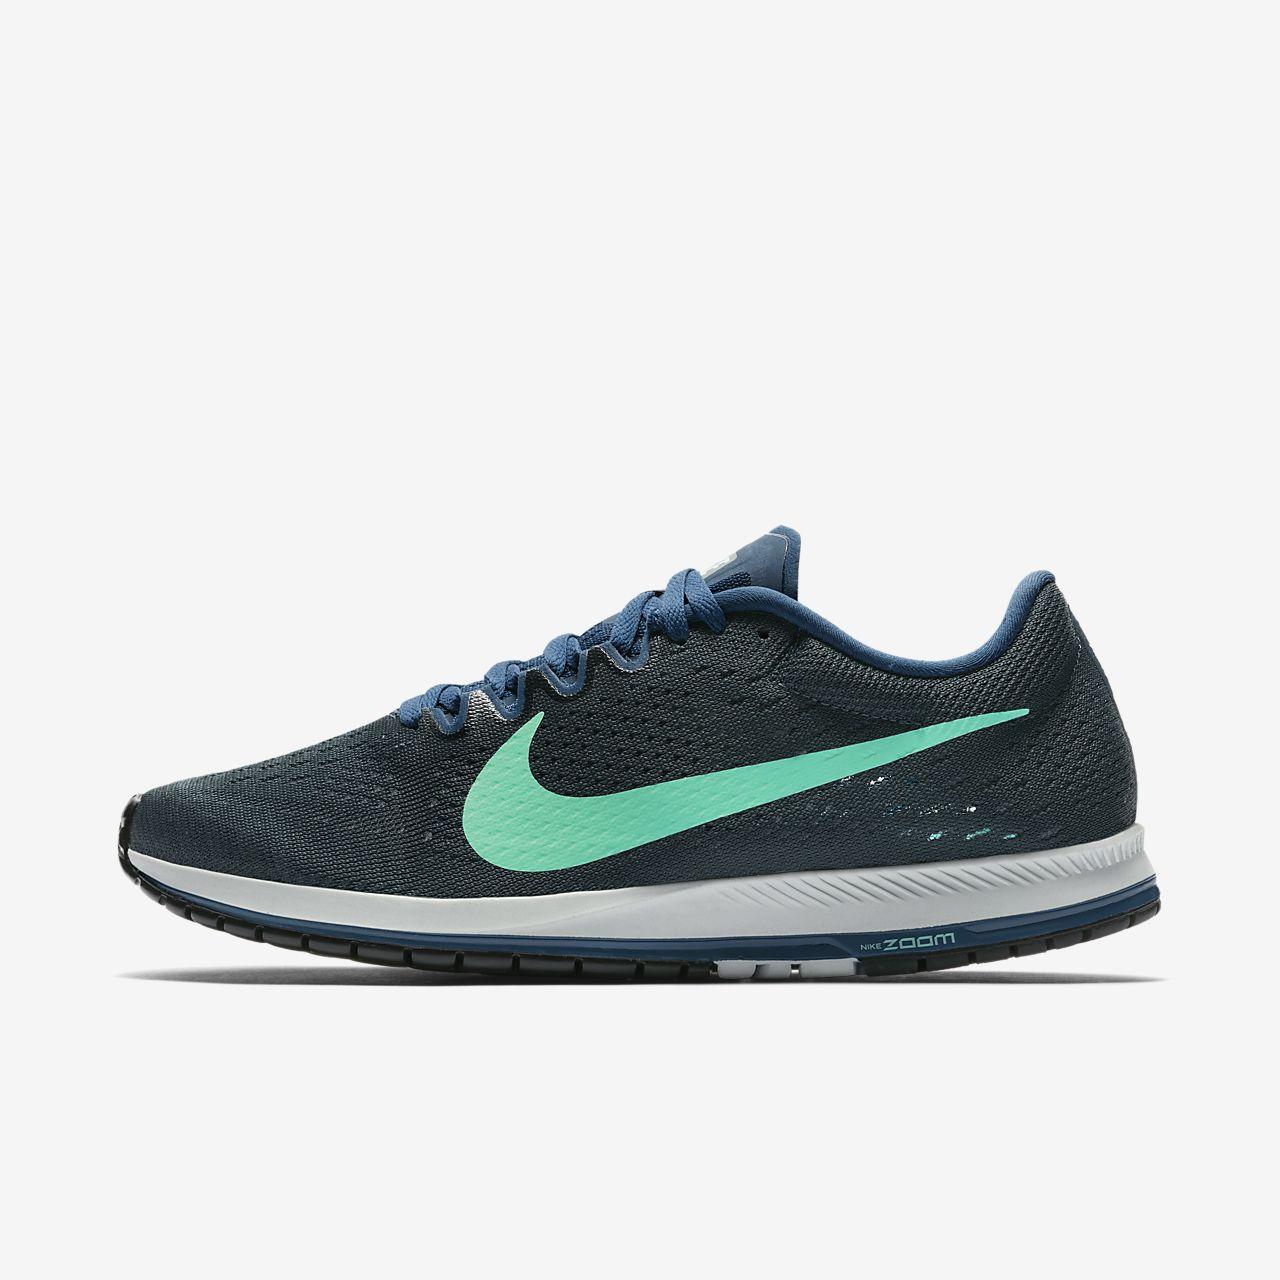 ... Calzado de carrera unisex Nike Zoom Streak 6